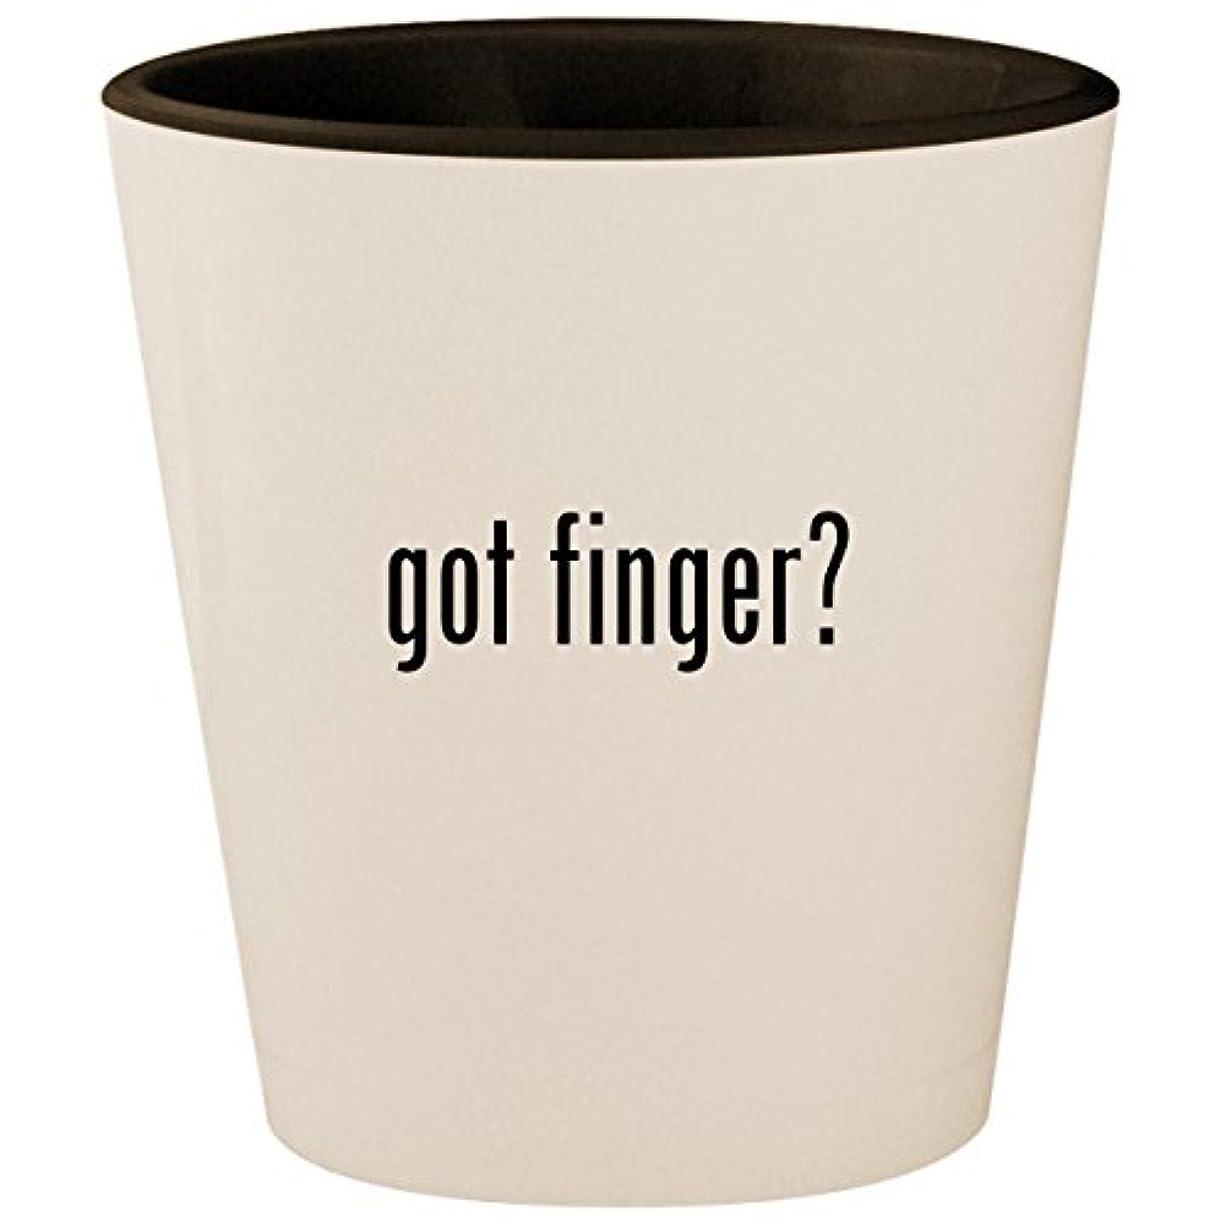 got finger? - White Outer & Black Inner Ceramic 1.5oz Shot Glass